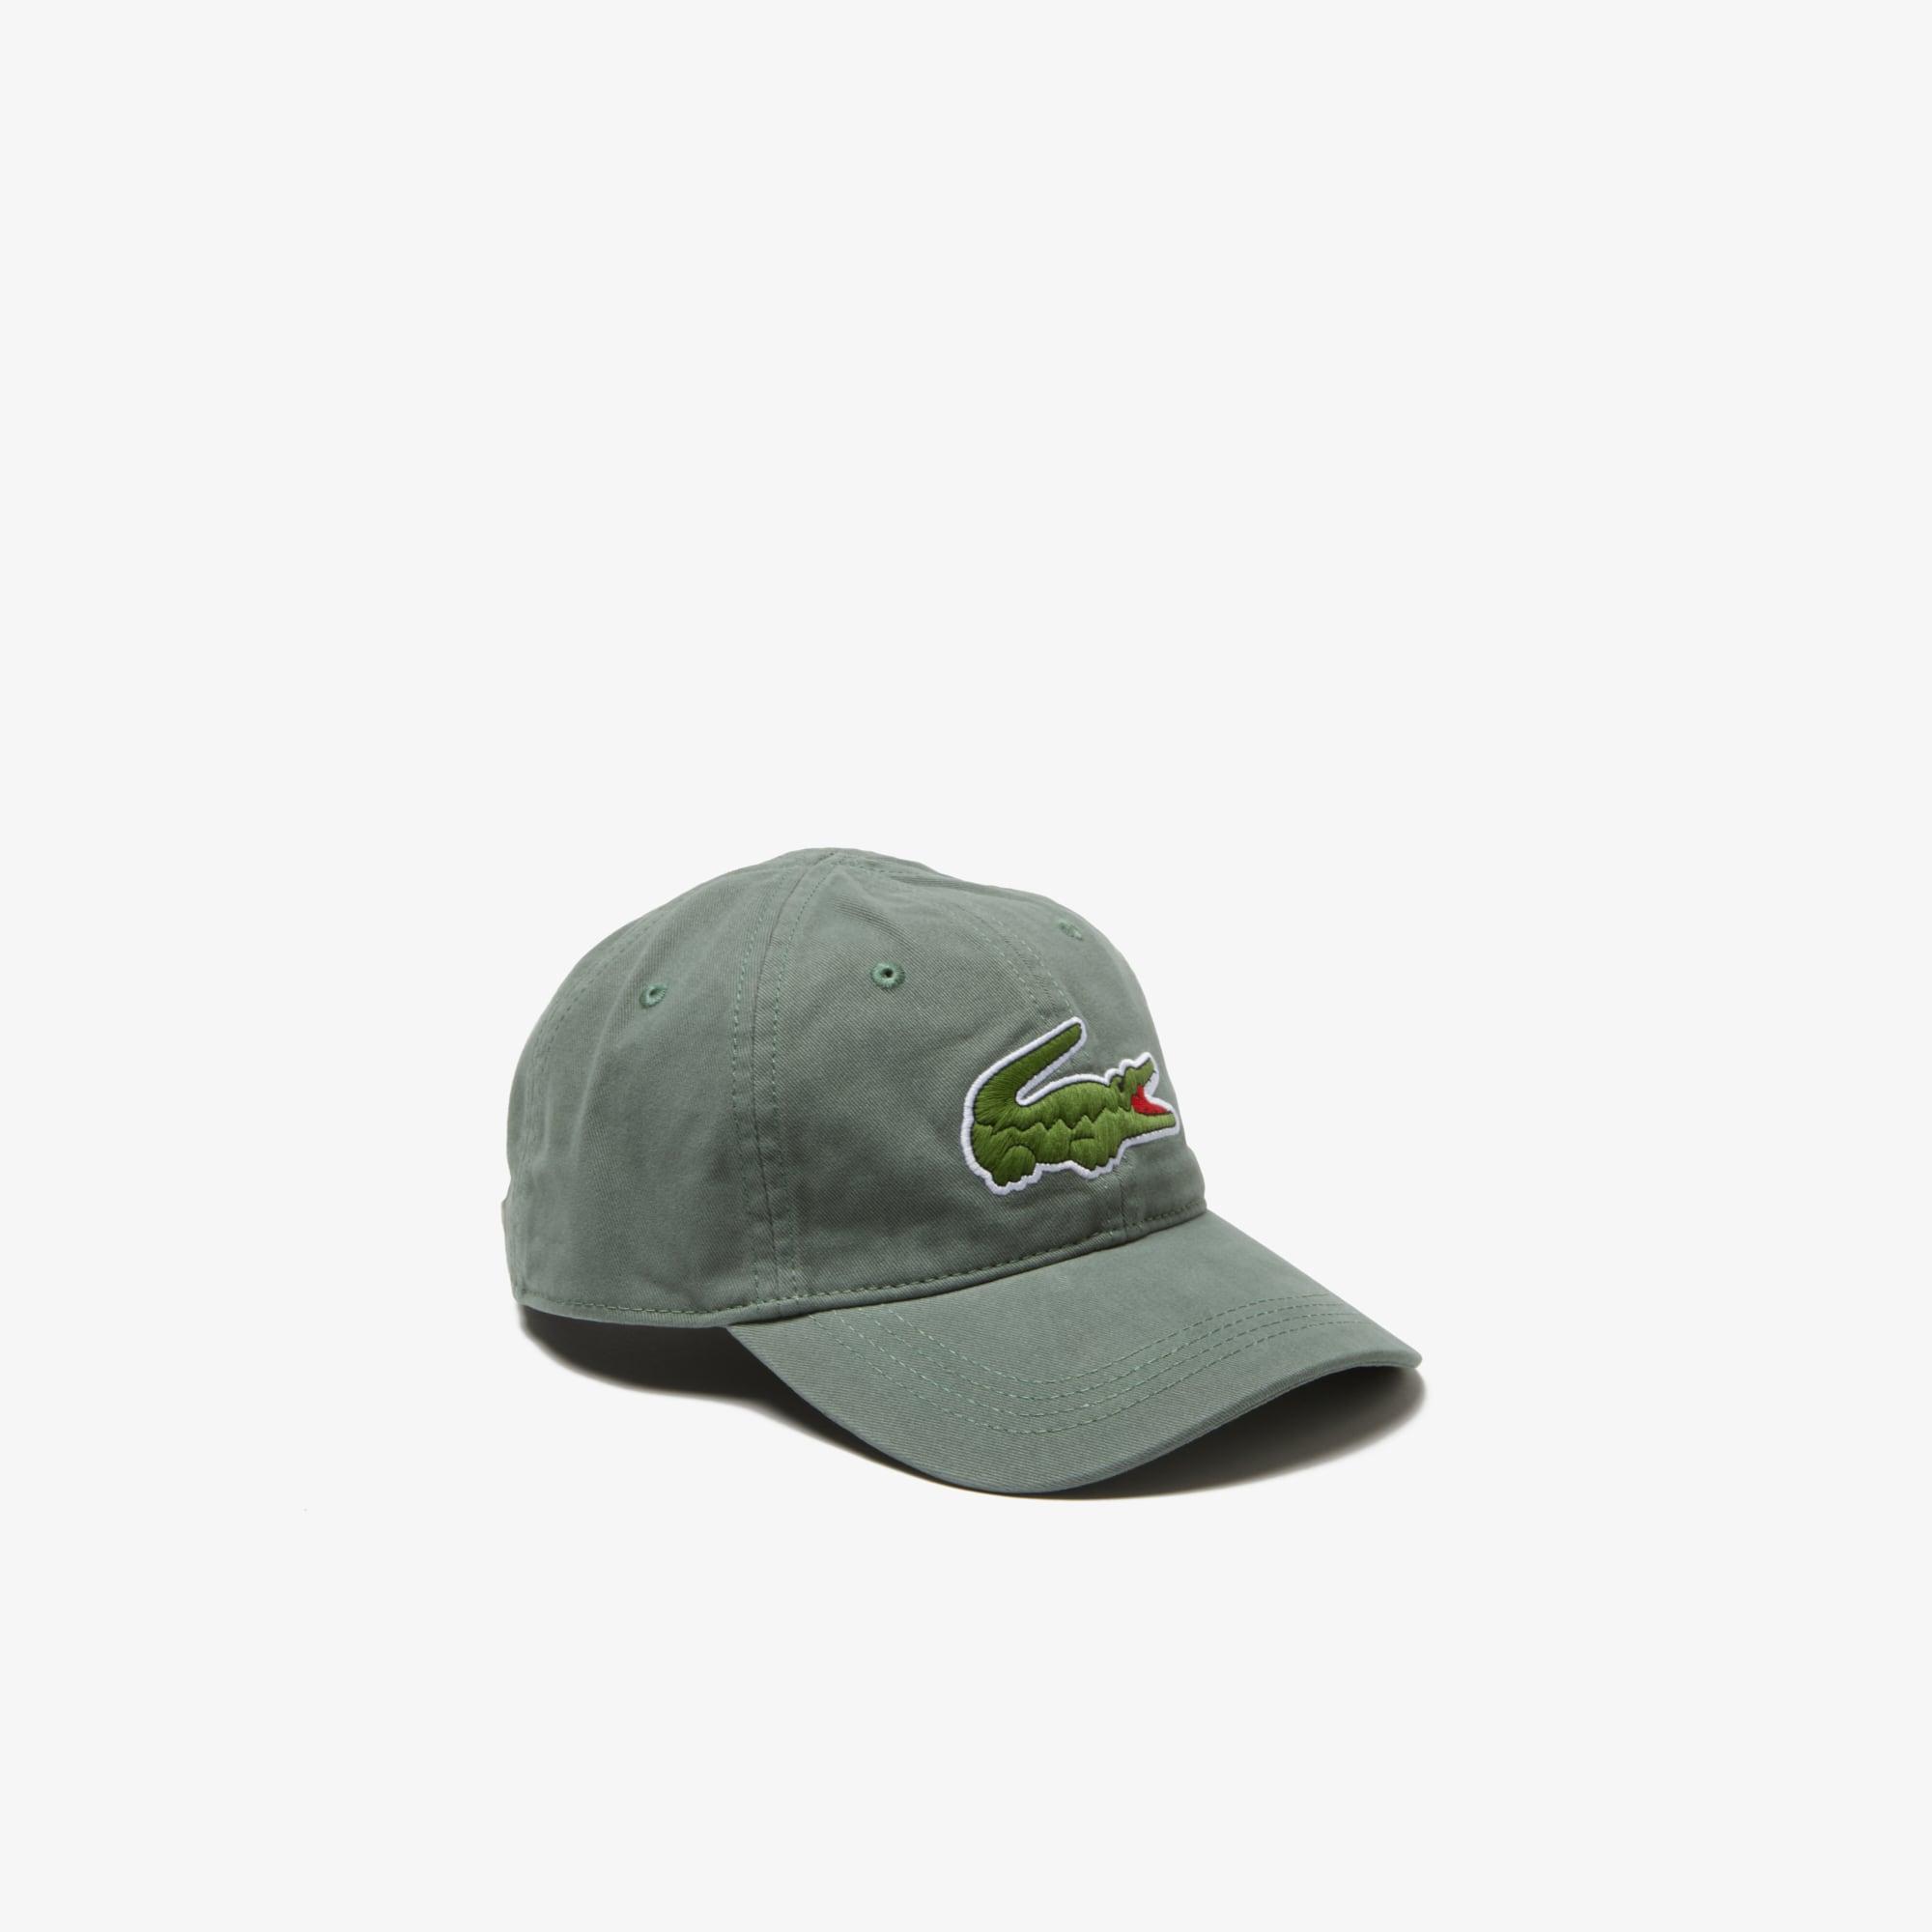 Men s Gabardine cap with oversized crocodile 81907cd15fb5